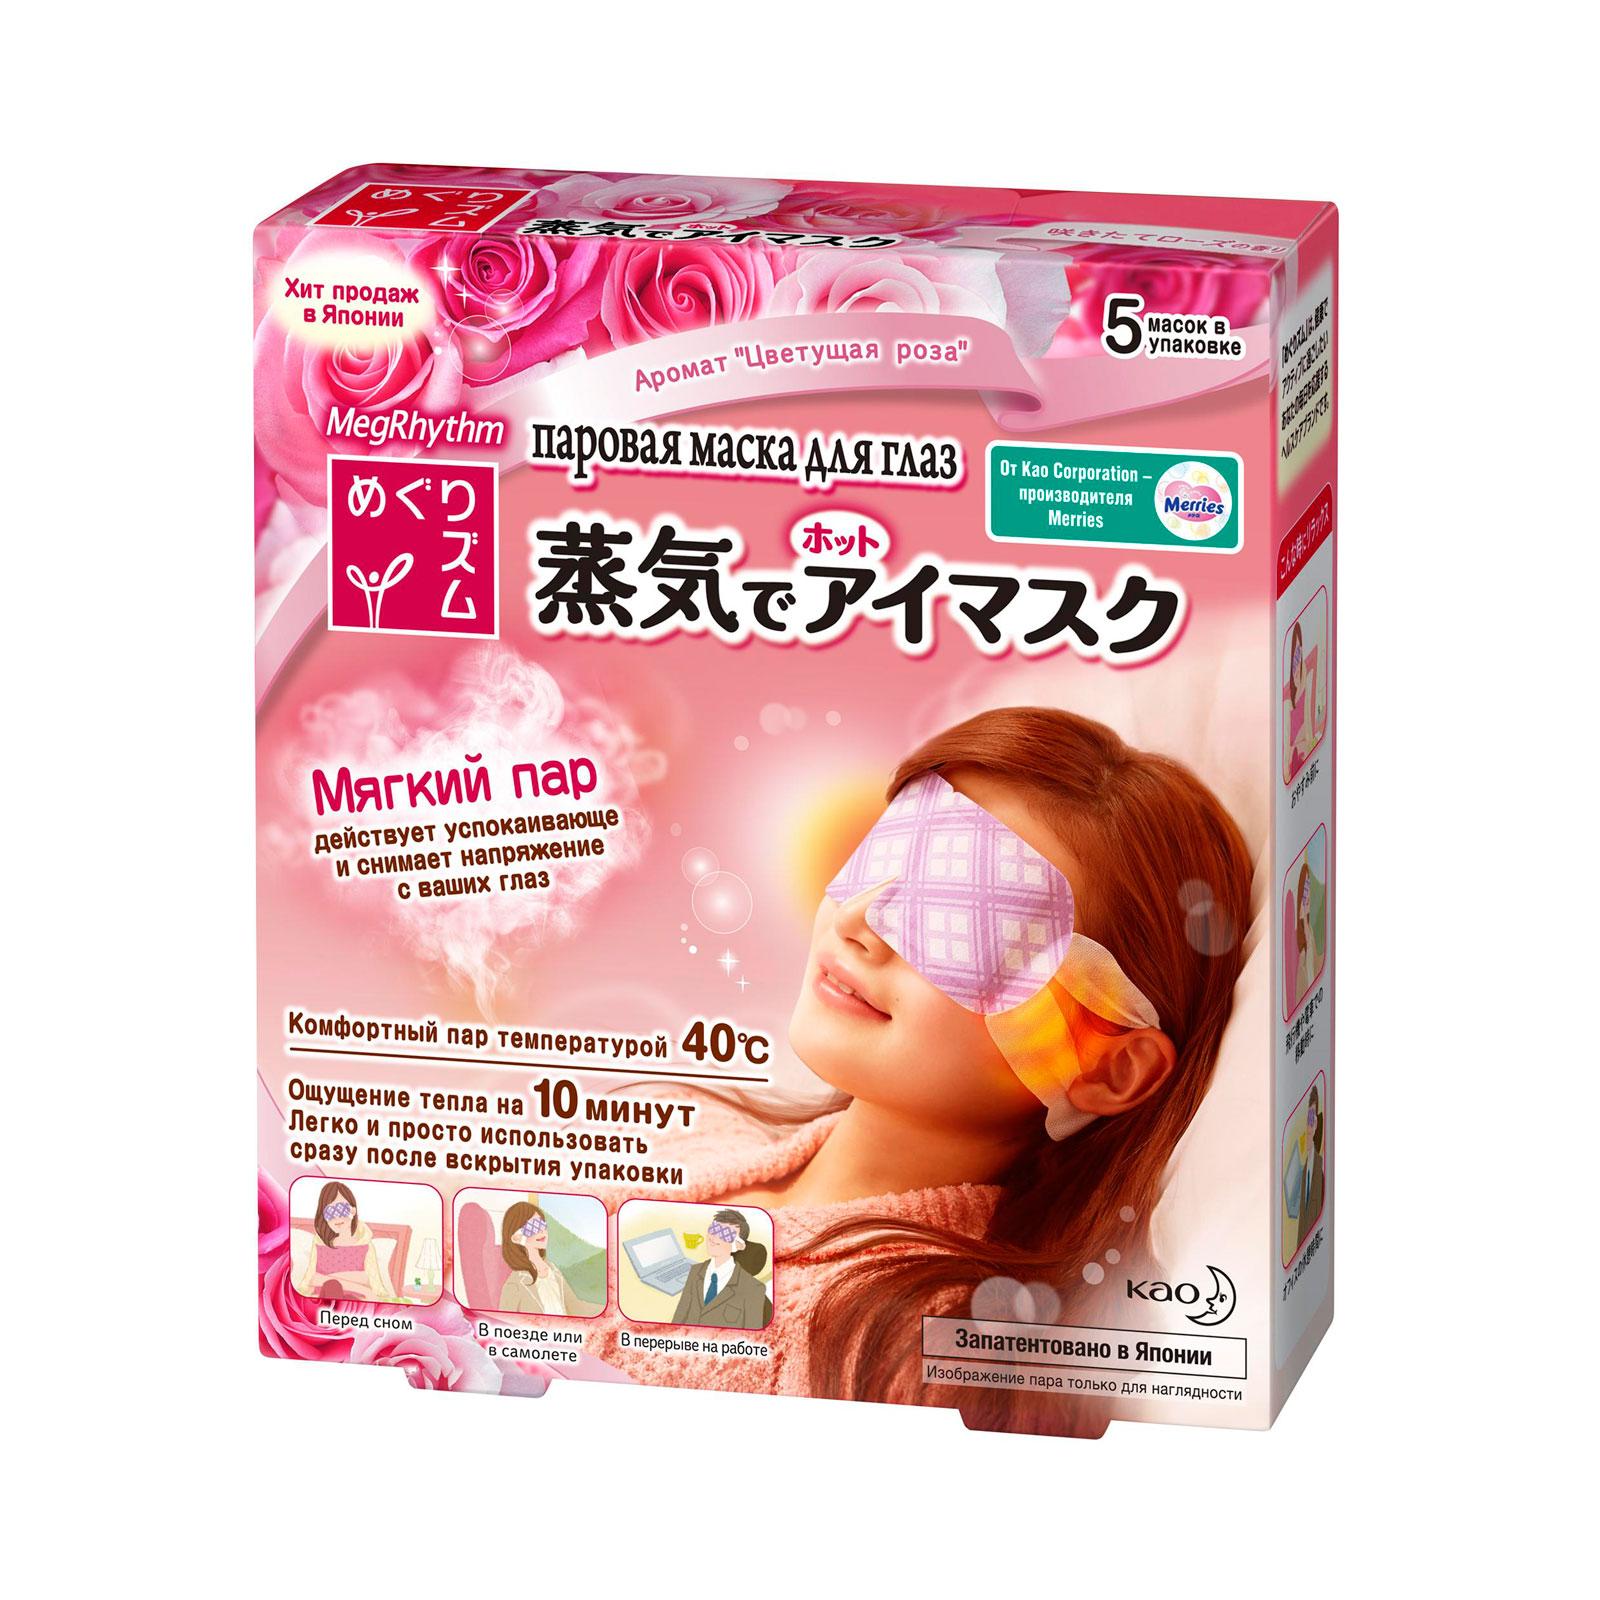 Паровая маска MegRhythm для глаз (Цветущая Роза) 5 шт<br>